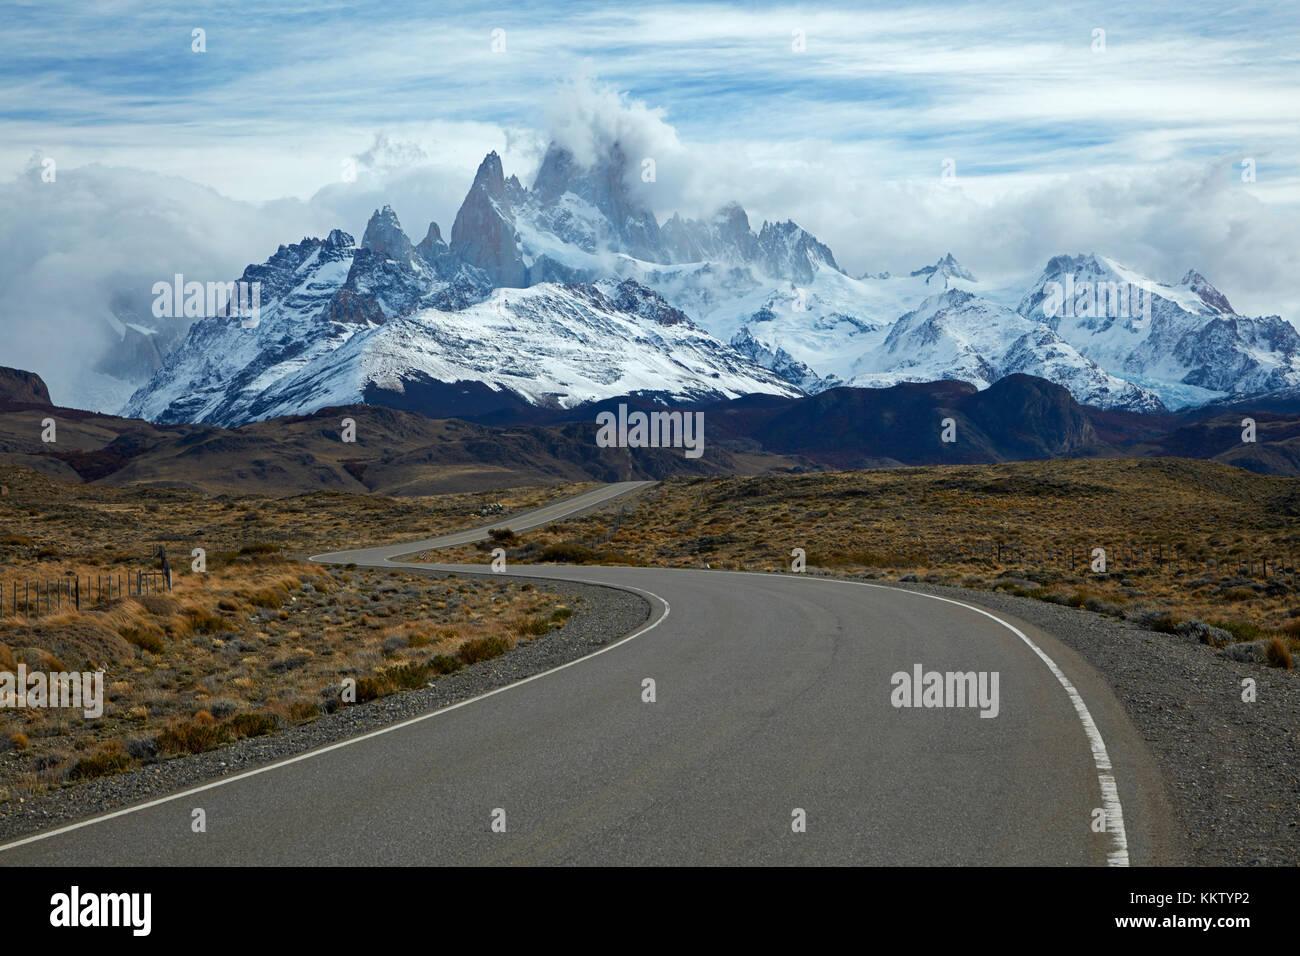 Mount Fitz Roy, Parque Nacional Los Glaciares (Welterbe) und Straße nach El Chalten, Patagonien, Argentinien, Südamerika Stockfoto